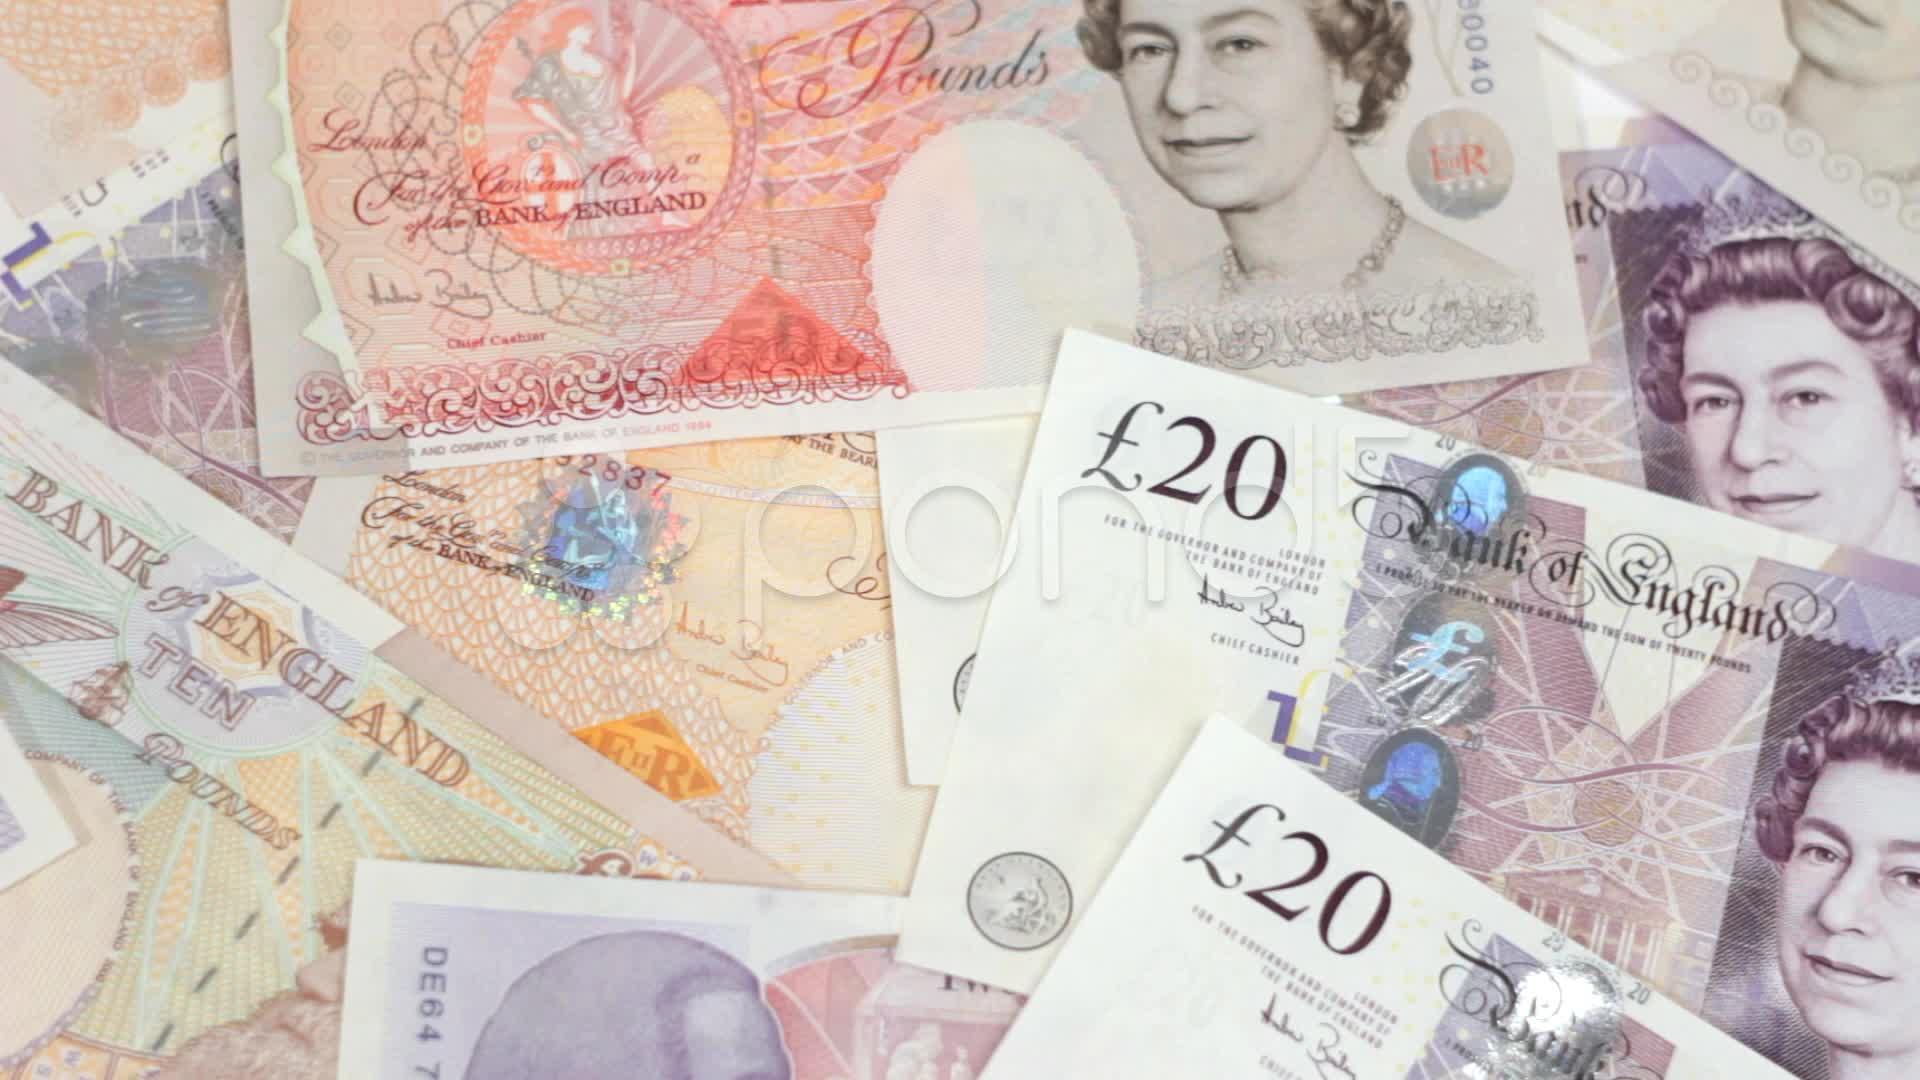 Londen Geld Wisselen Of Pinnen